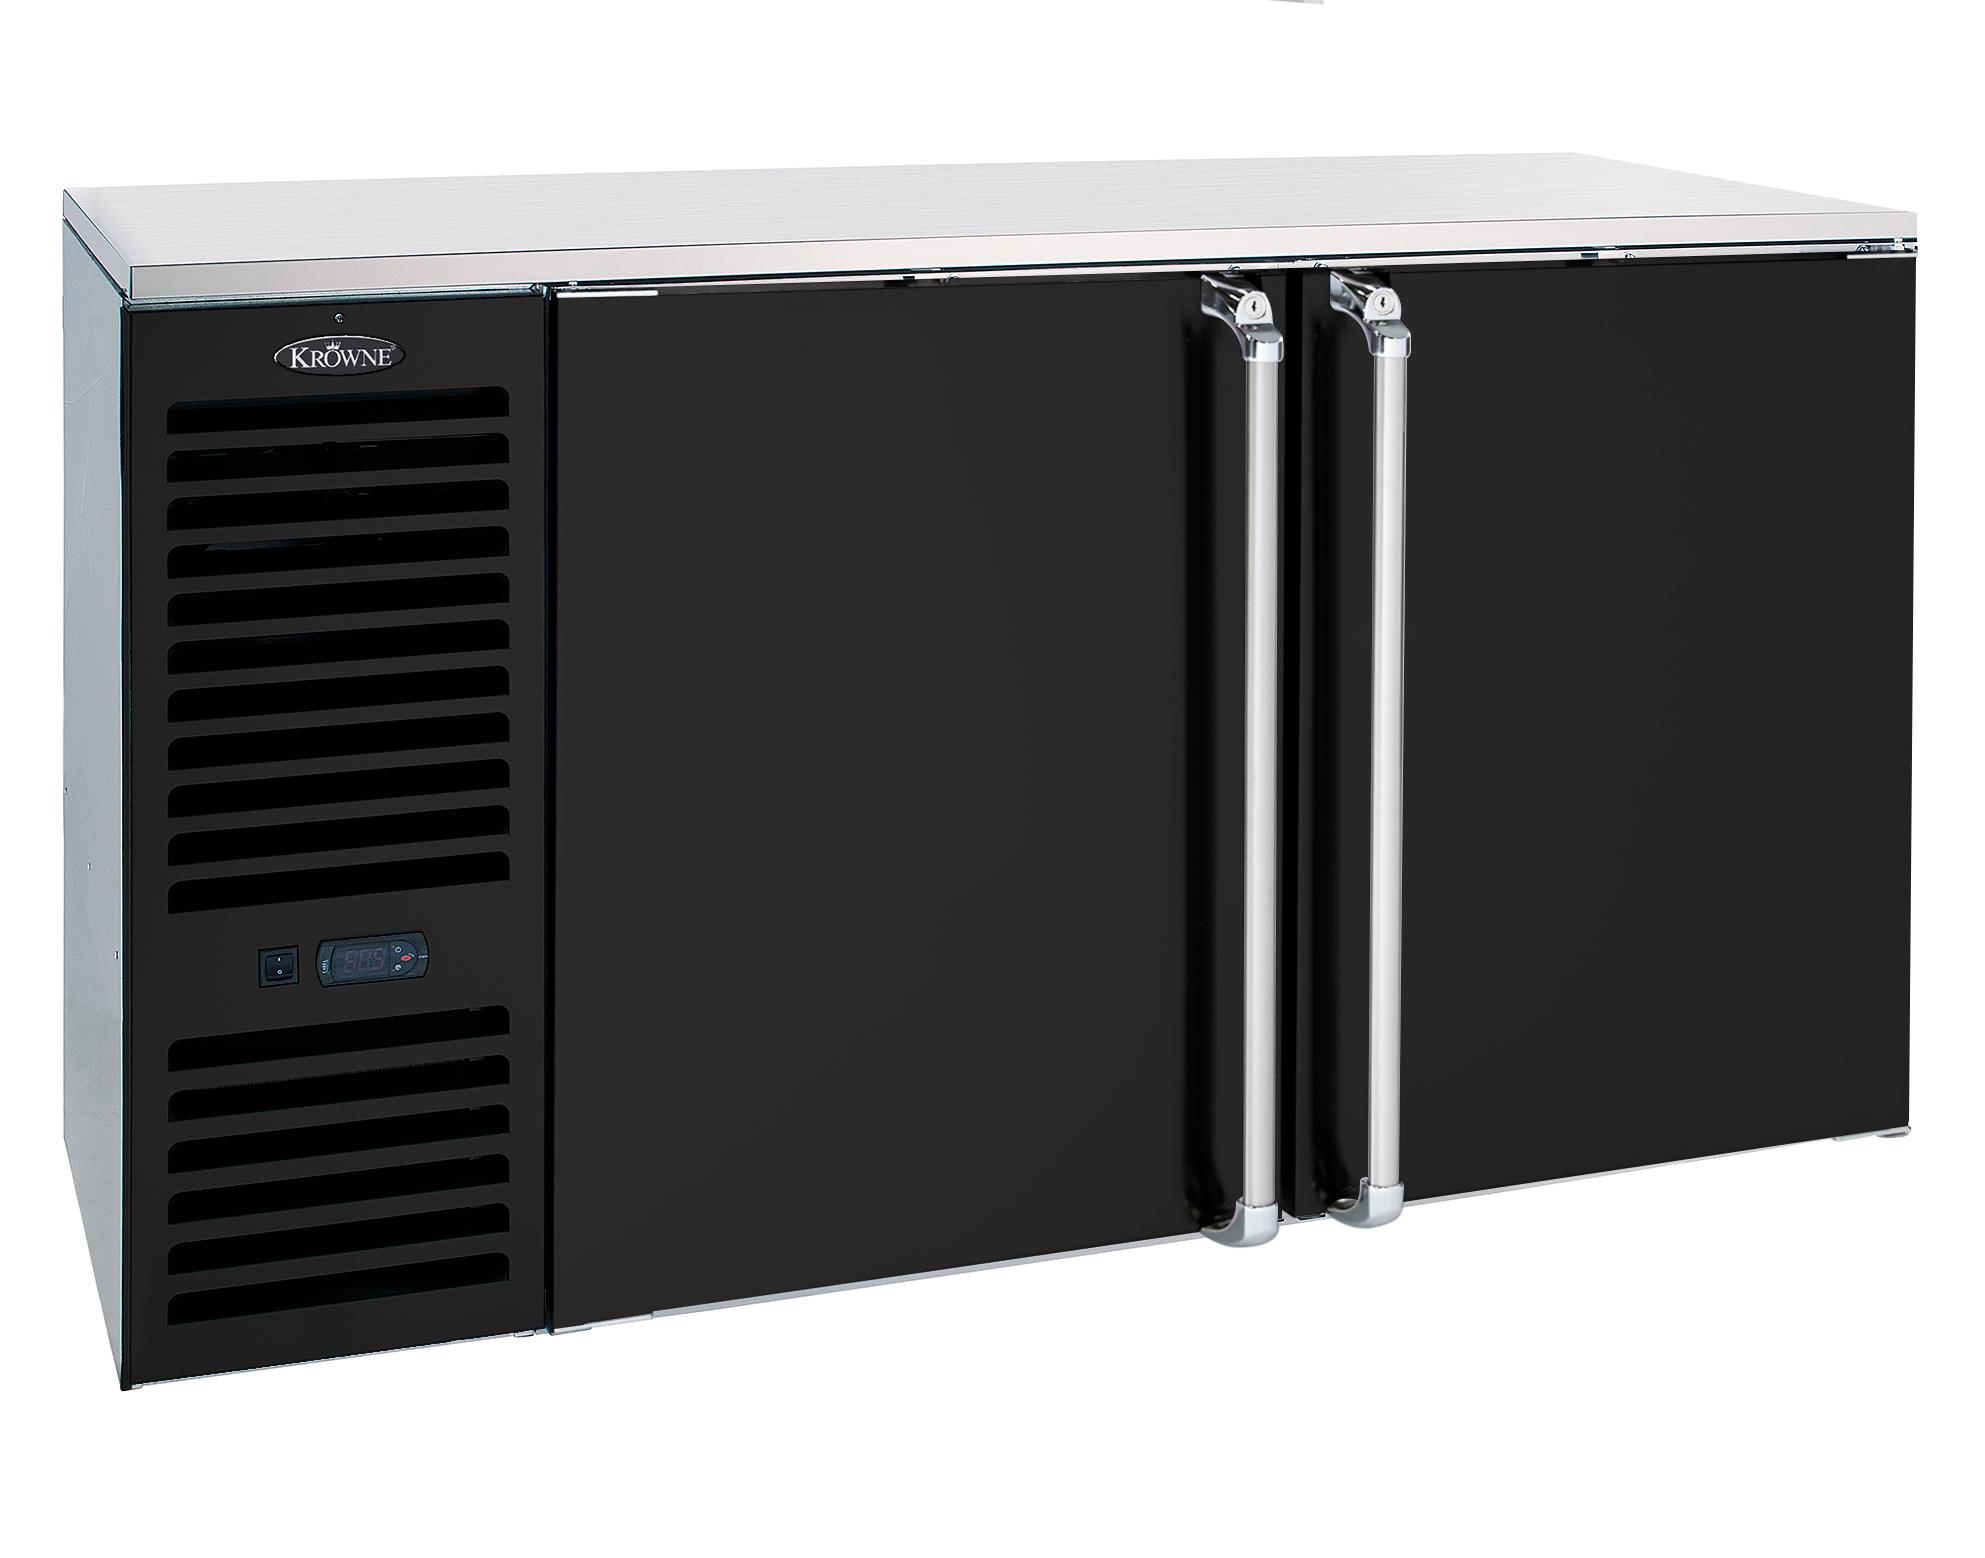 Krowne Metal BS60L-GNB refrigeration